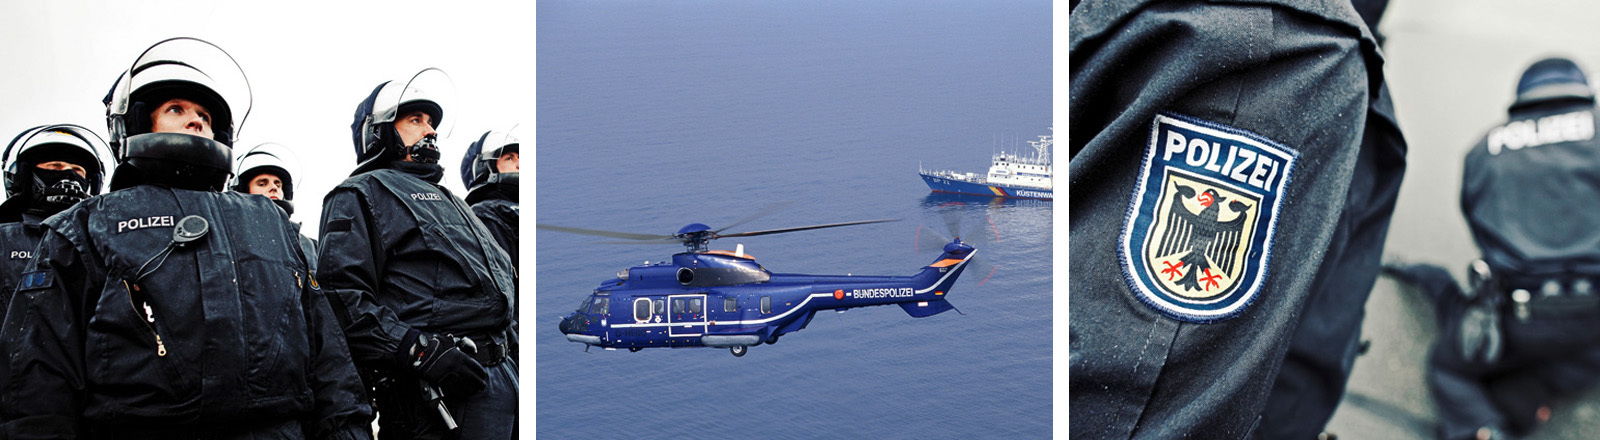 Bereitschaftspolizei beim Einsatz | Hubschrauber und Schiff | Logo der Polizei auf einem Ärmel